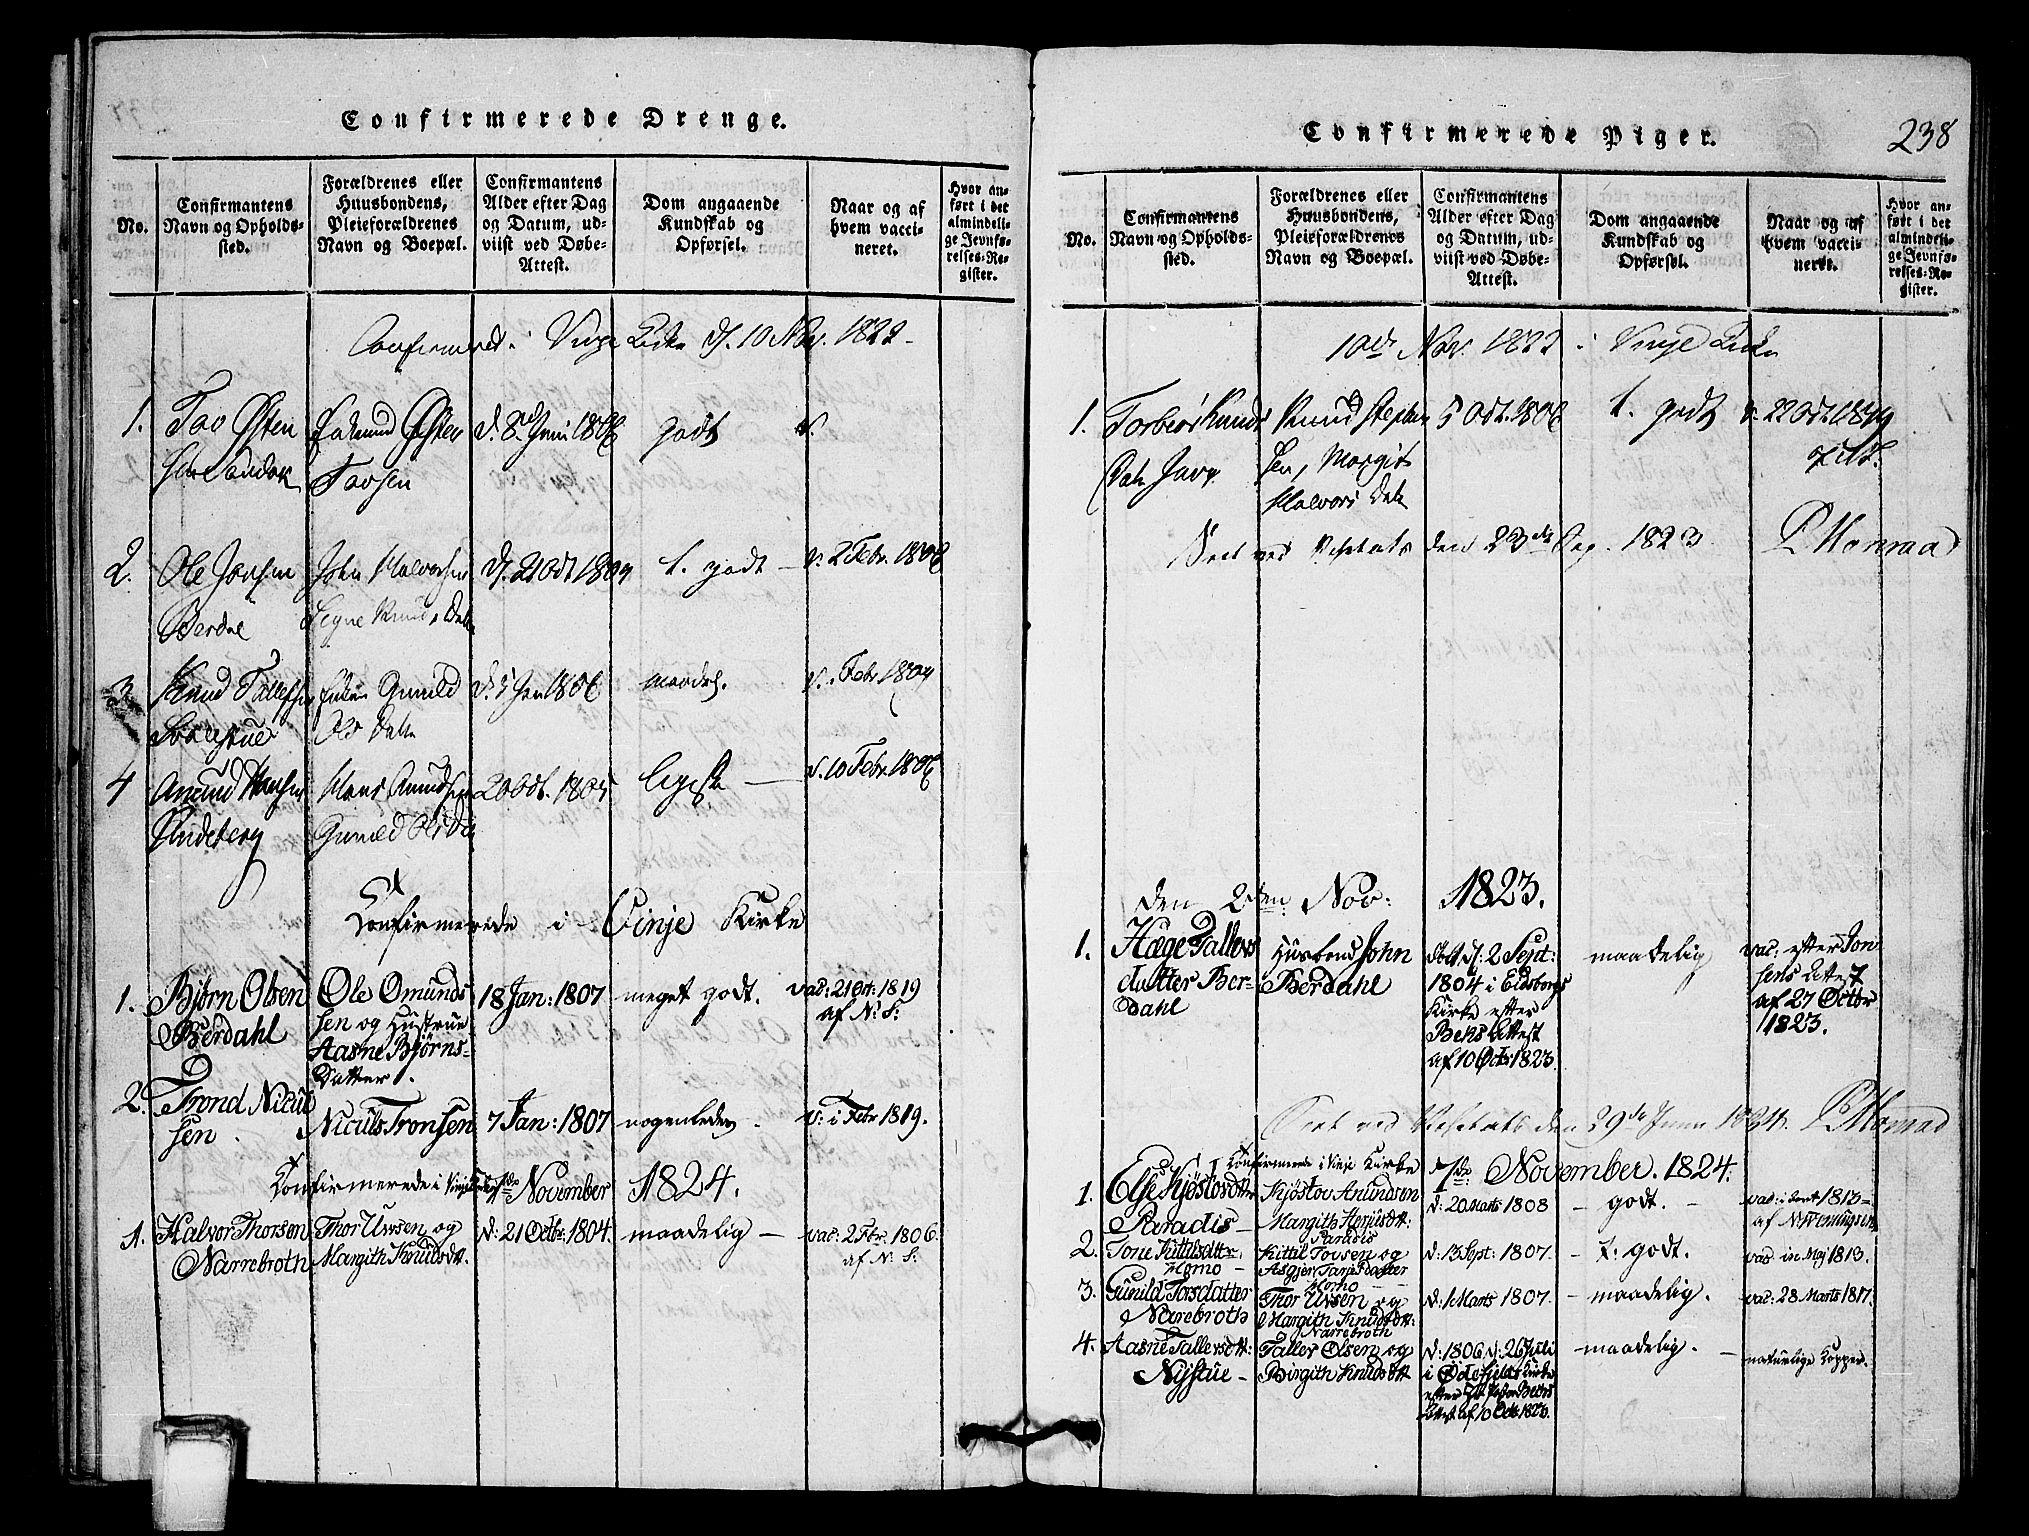 SAKO, Vinje kirkebøker, G/Gb/L0001: Klokkerbok nr. II 1, 1814-1843, s. 238